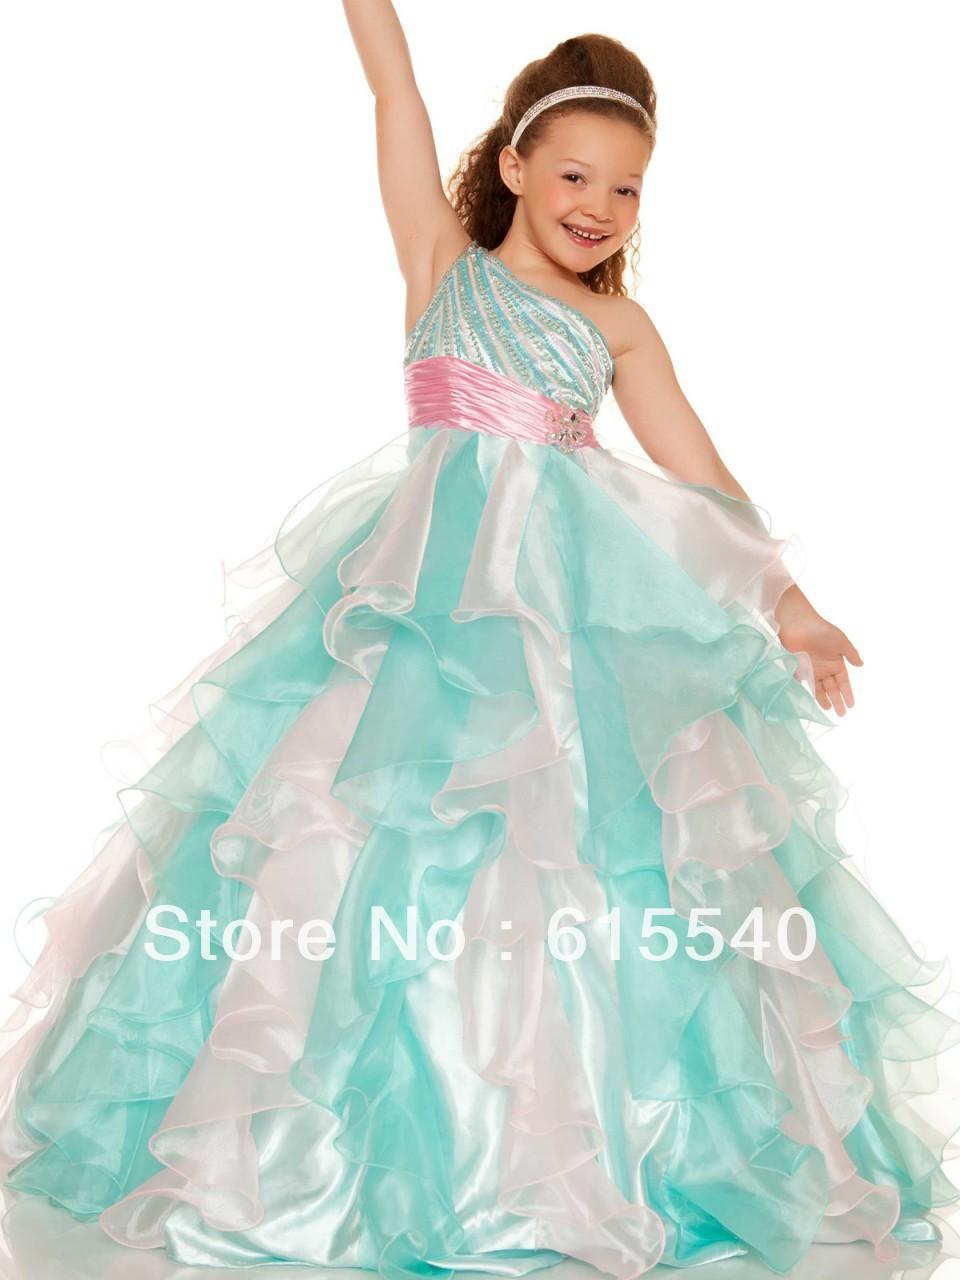 Where To Buy Flower Girl Dresses In Chicago 93